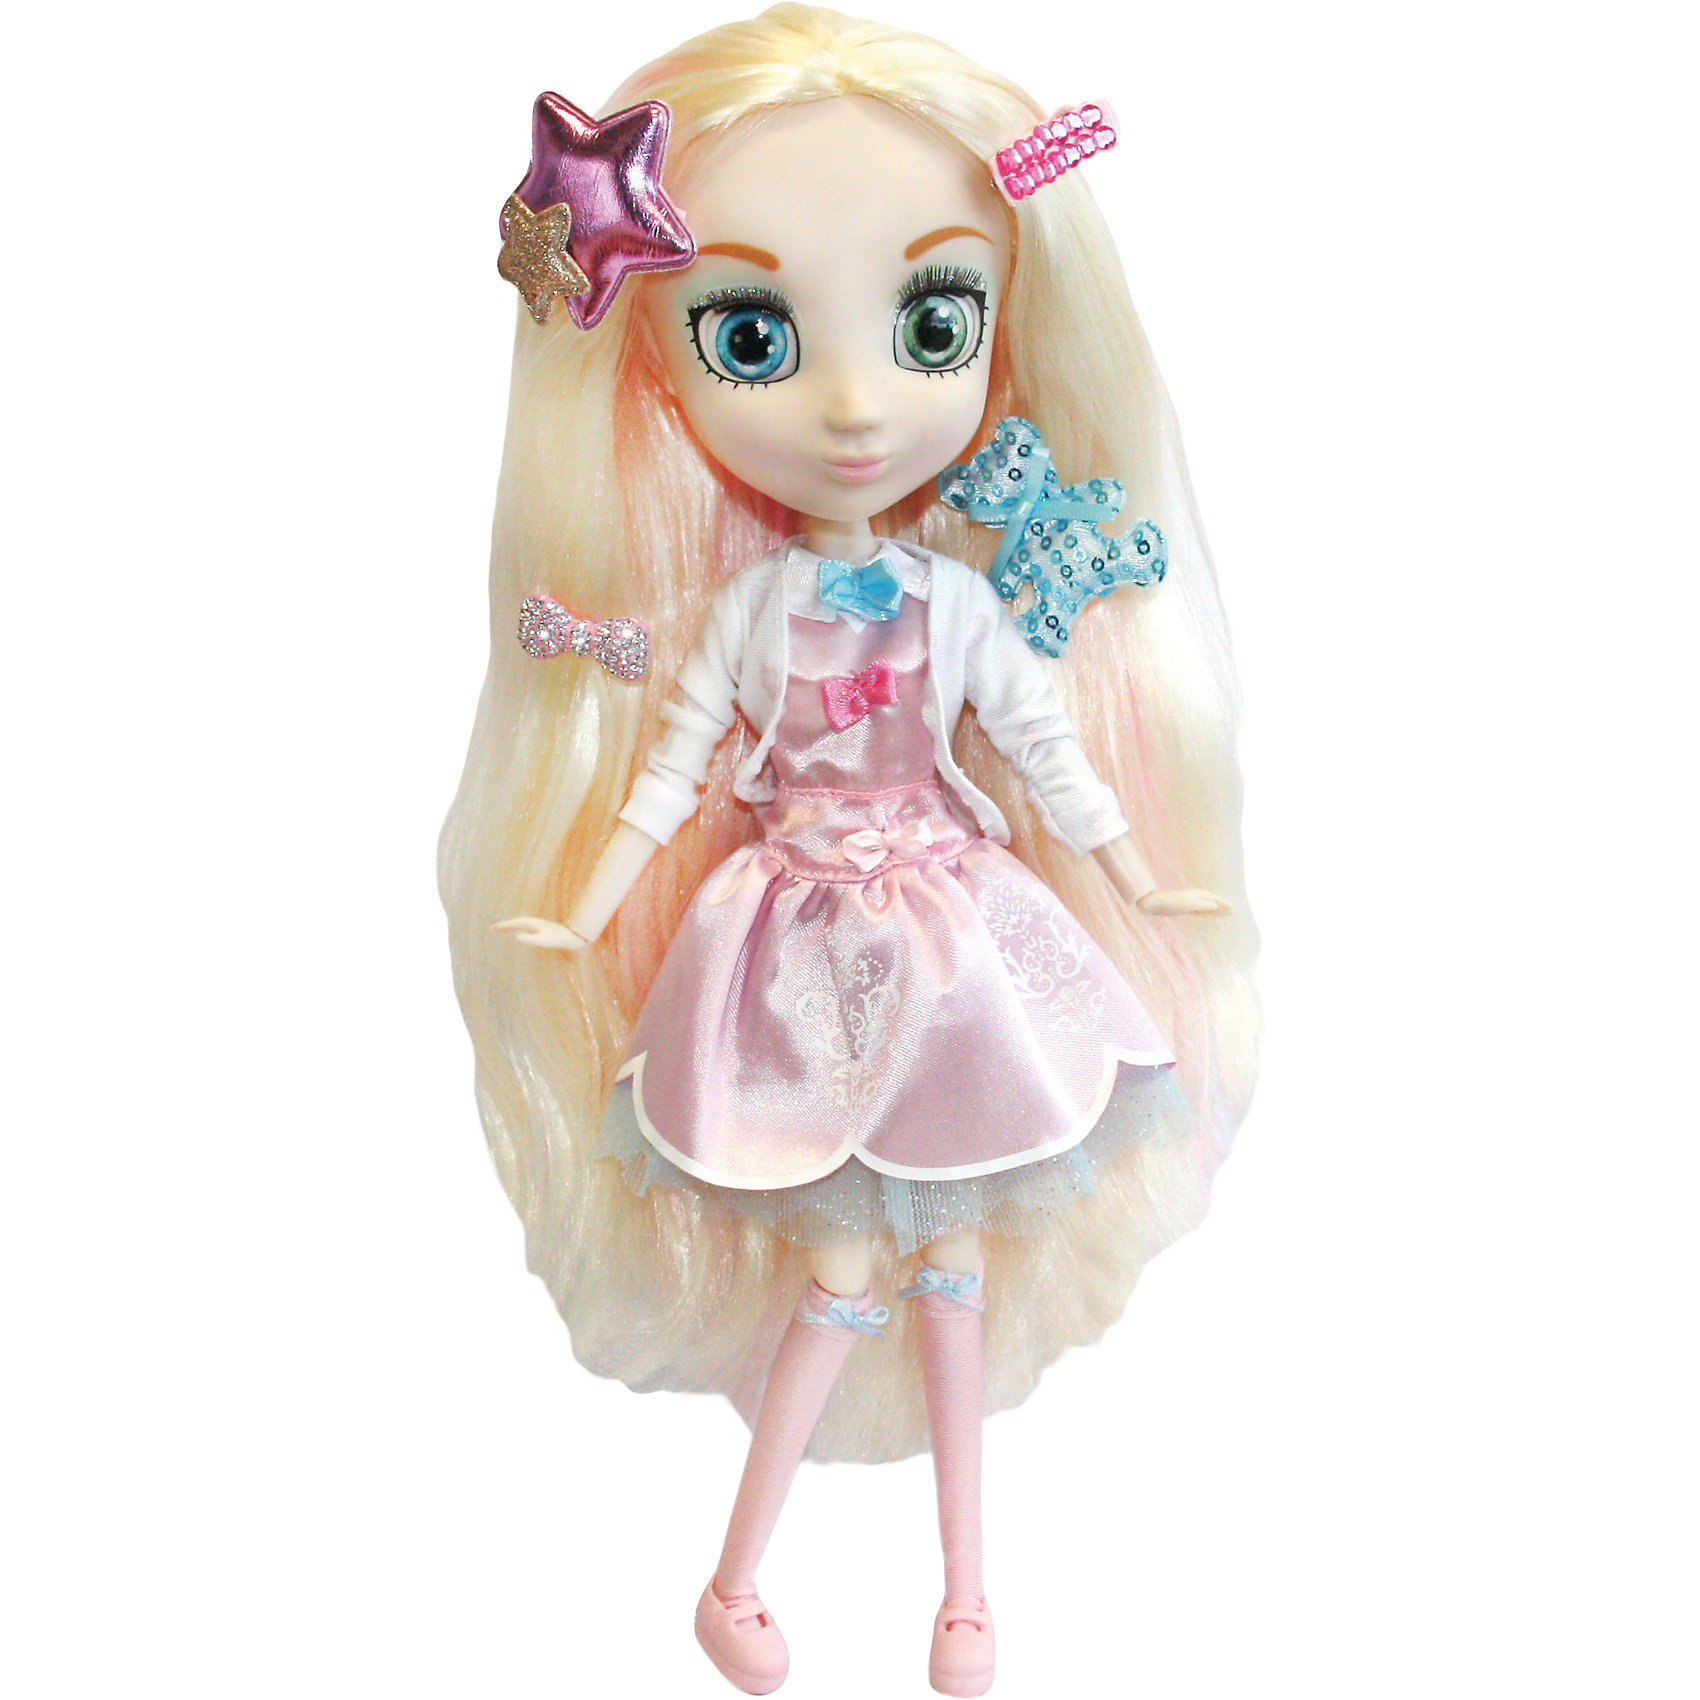 Кукла Шидзуки, 33см, Шибадзуку ГерлзБренды кукол<br>Кукла Шидзуки, 33см, Шибадзуку Герлз<br><br>Характеристики:<br><br>• модная кукла с реалистичными глазами<br>• длинные ресницы<br>• длинные густые волосы<br>• в комплекте: кукла, заколки, аксессуары<br>• высота куклы: 33 см<br>• материал: пластик, текстиль<br>• размер упаковки: 20,6х38,1х10,2 см<br>• вес: 600 грамм<br><br>Кукла Шидзуки мечтает стать модным дизайнером. И, глядя, на ее наряд, можно понять, что ее мечта обязательно исполнится. Кукла одета в красивое платье, украшенное различными аксессуарами. Вы можете уложить волосы в прическу и добавить аксессуары из комплекта, чтобы создать неповторимый образ Шидзуки. Глаза куклы невероятно красивые и выразительные. Руки и ноги подвижны для принятия разнообразных поз в процессе игры. Каждая девочка почувствует себя настоящей принцессой рядом с такой обворожительной подружкой!<br><br>Куклу Шидзуки, 33см, Шибадзуку Герлз вы можете купить в нашем интернет-магазине.<br><br>Ширина мм: 102<br>Глубина мм: 381<br>Высота мм: 206<br>Вес г: 600<br>Возраст от месяцев: 36<br>Возраст до месяцев: 2147483647<br>Пол: Женский<br>Возраст: Детский<br>SKU: 5397311